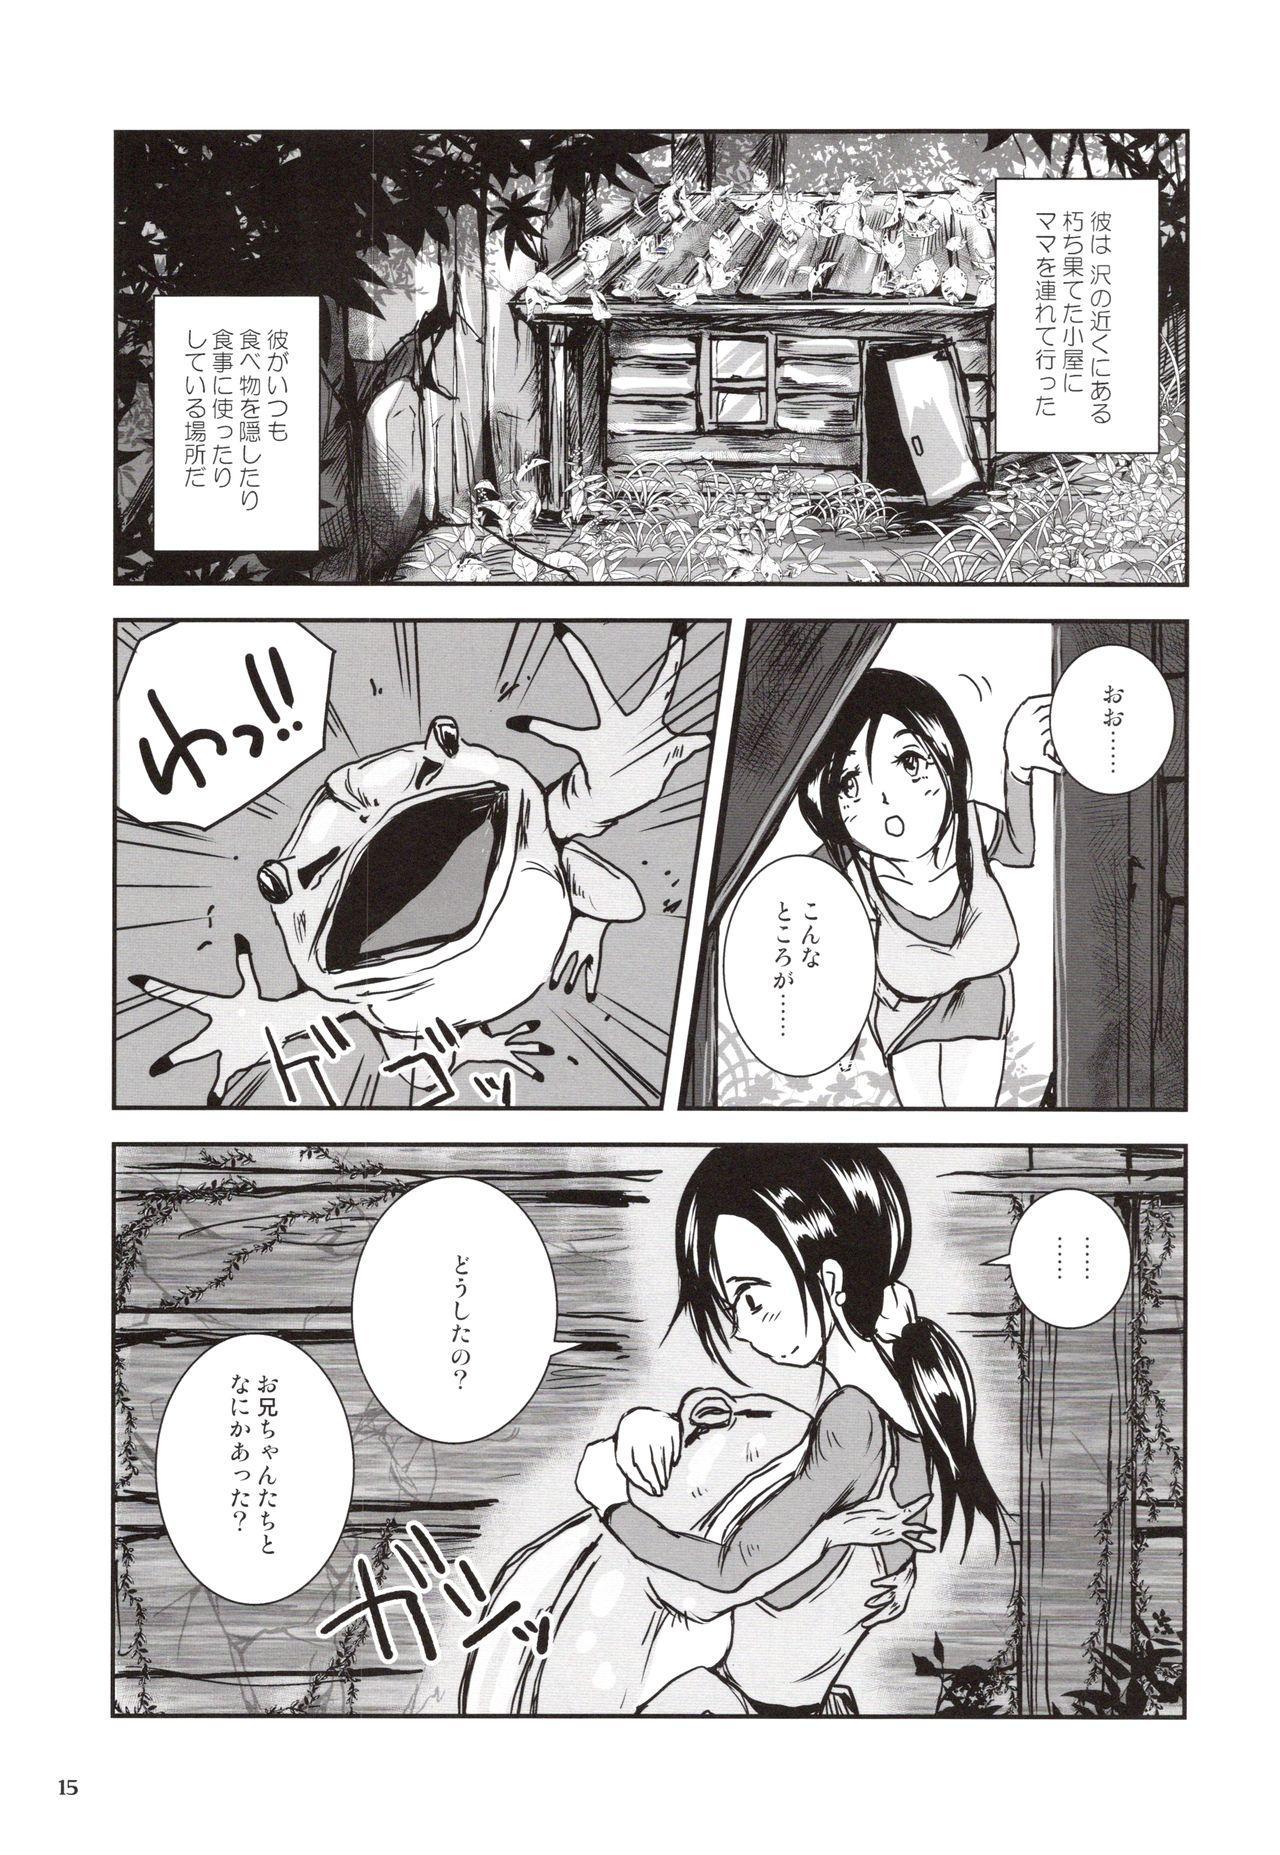 Kinshin Kaerukan - Mama o Aishi Sugita Kogaeru no Monogatari 13